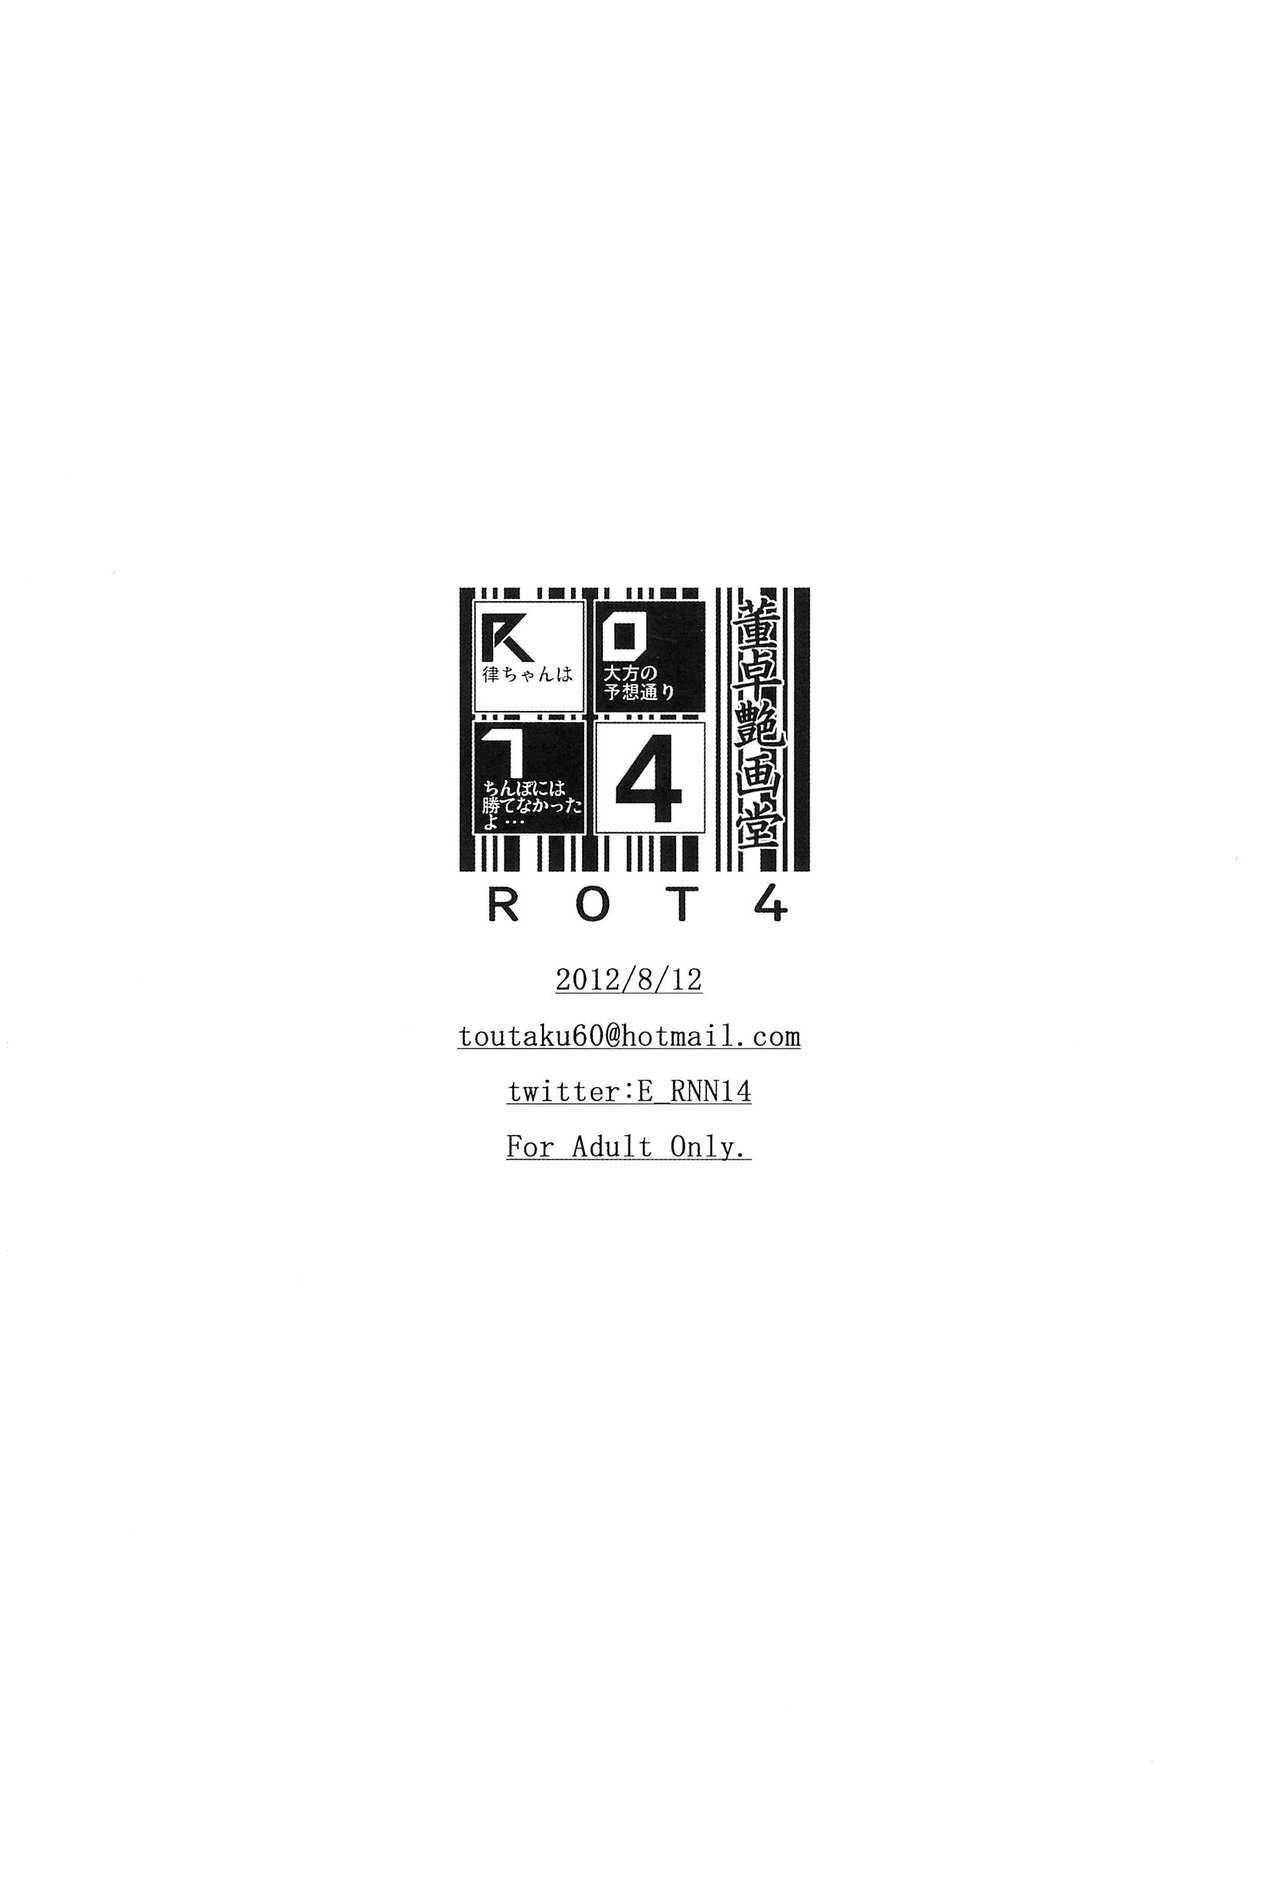 R.O.T 4 Ritsu-chan wa Ookata no Yosoudoori Chinpo ni wa Katenakatta yo... 15